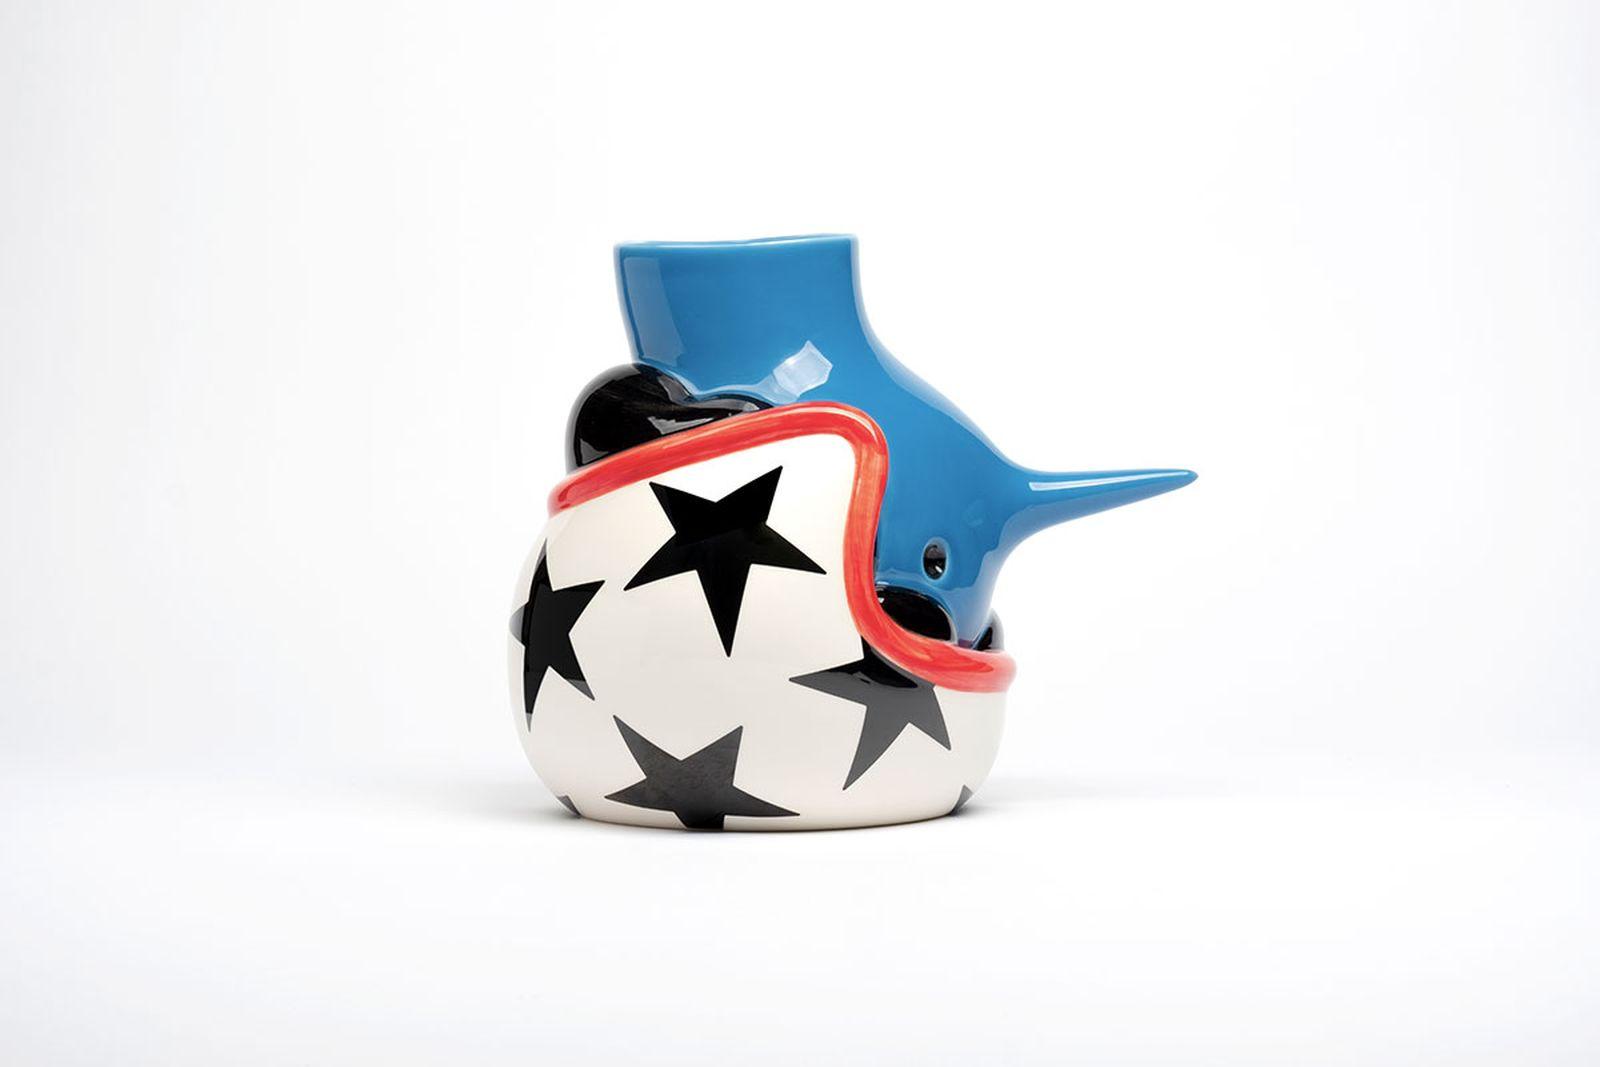 parra-upside-down-helmet-face-vase-annoucement-06